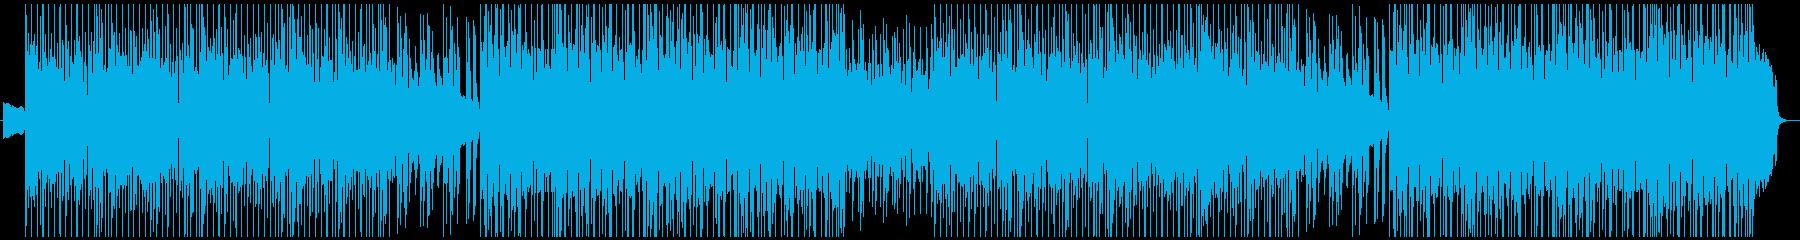 ヒップホップ研究所動機付けの決定。...の再生済みの波形